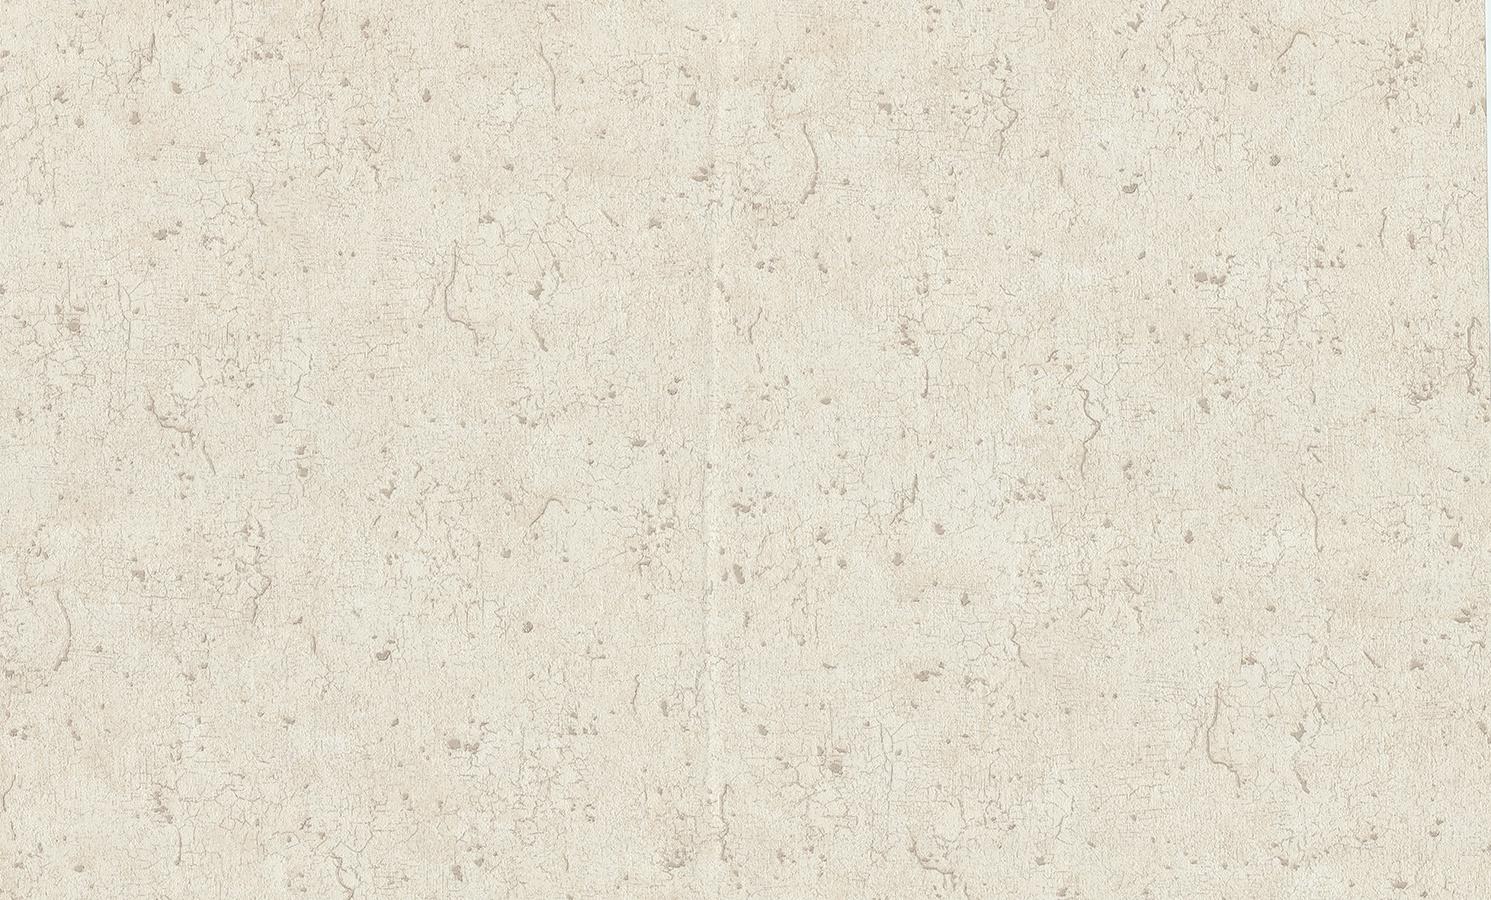 Обои Московская Обойная Фабрика (МОФ), Malex design Бетон, бежевый, белый, серый, светло-бежевый, светло-серый